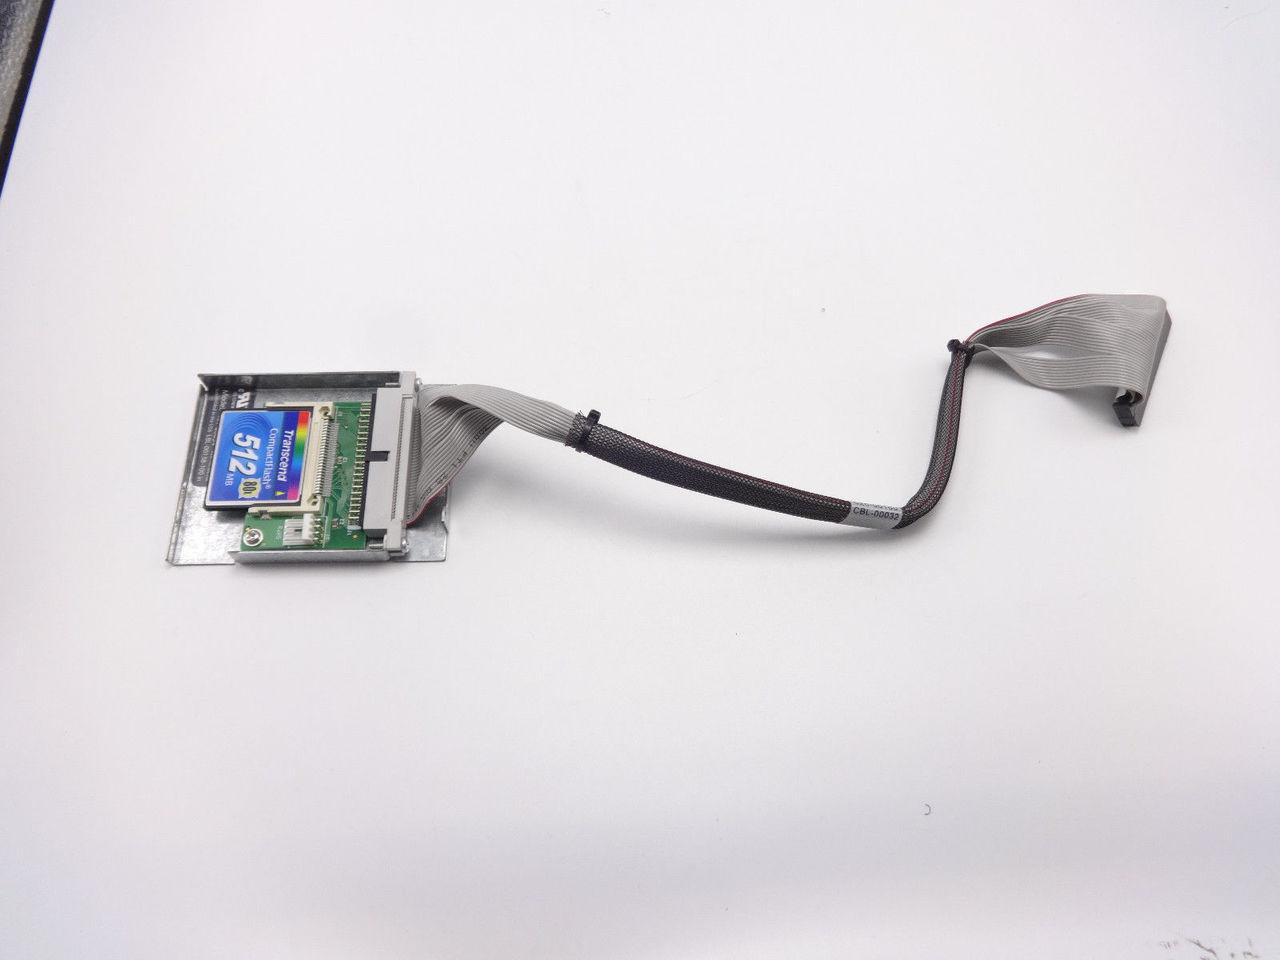 Dell JY746 512MB FLASH DRIVE KIT